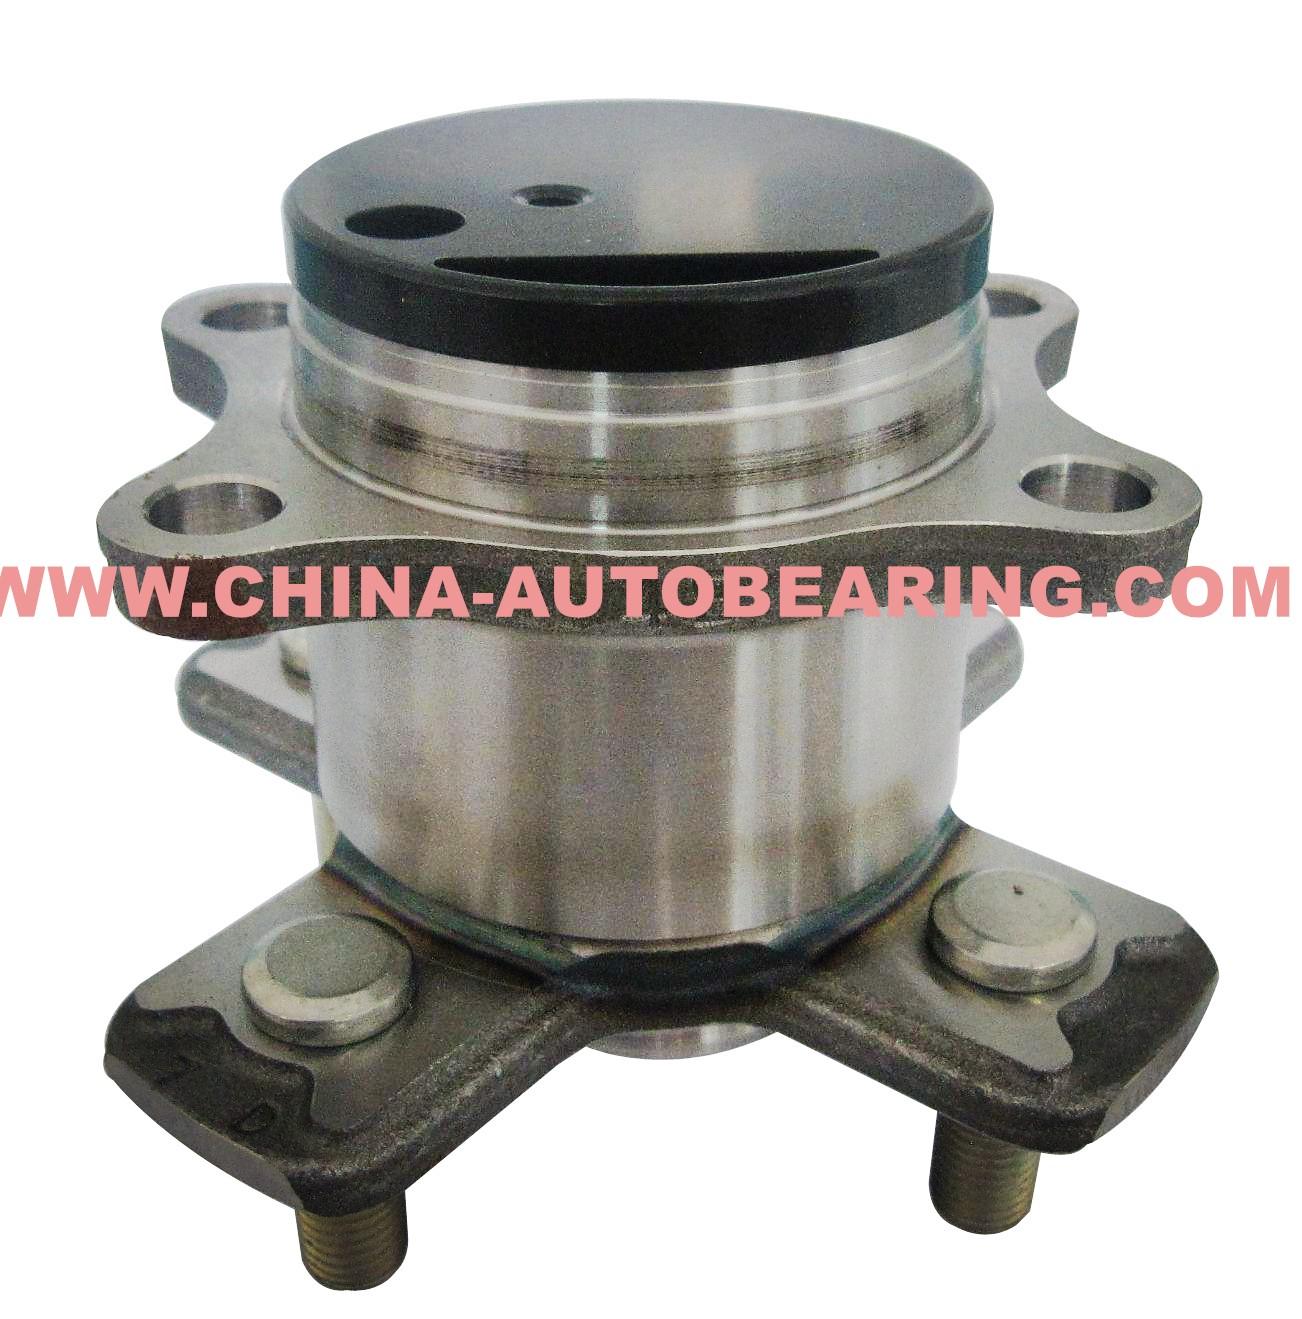 Product Guangzhou Zhenwei Bearing Co Ltd